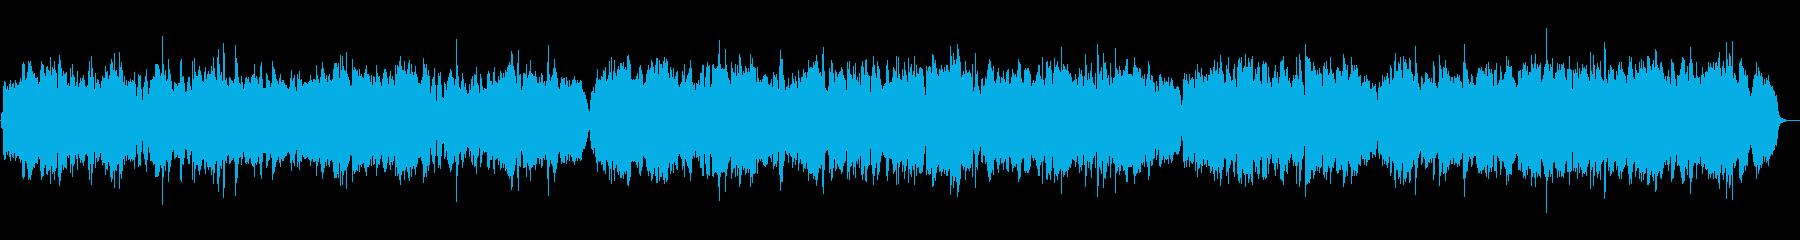 生フルート!バッハ、G線上のアリア、弦楽の再生済みの波形